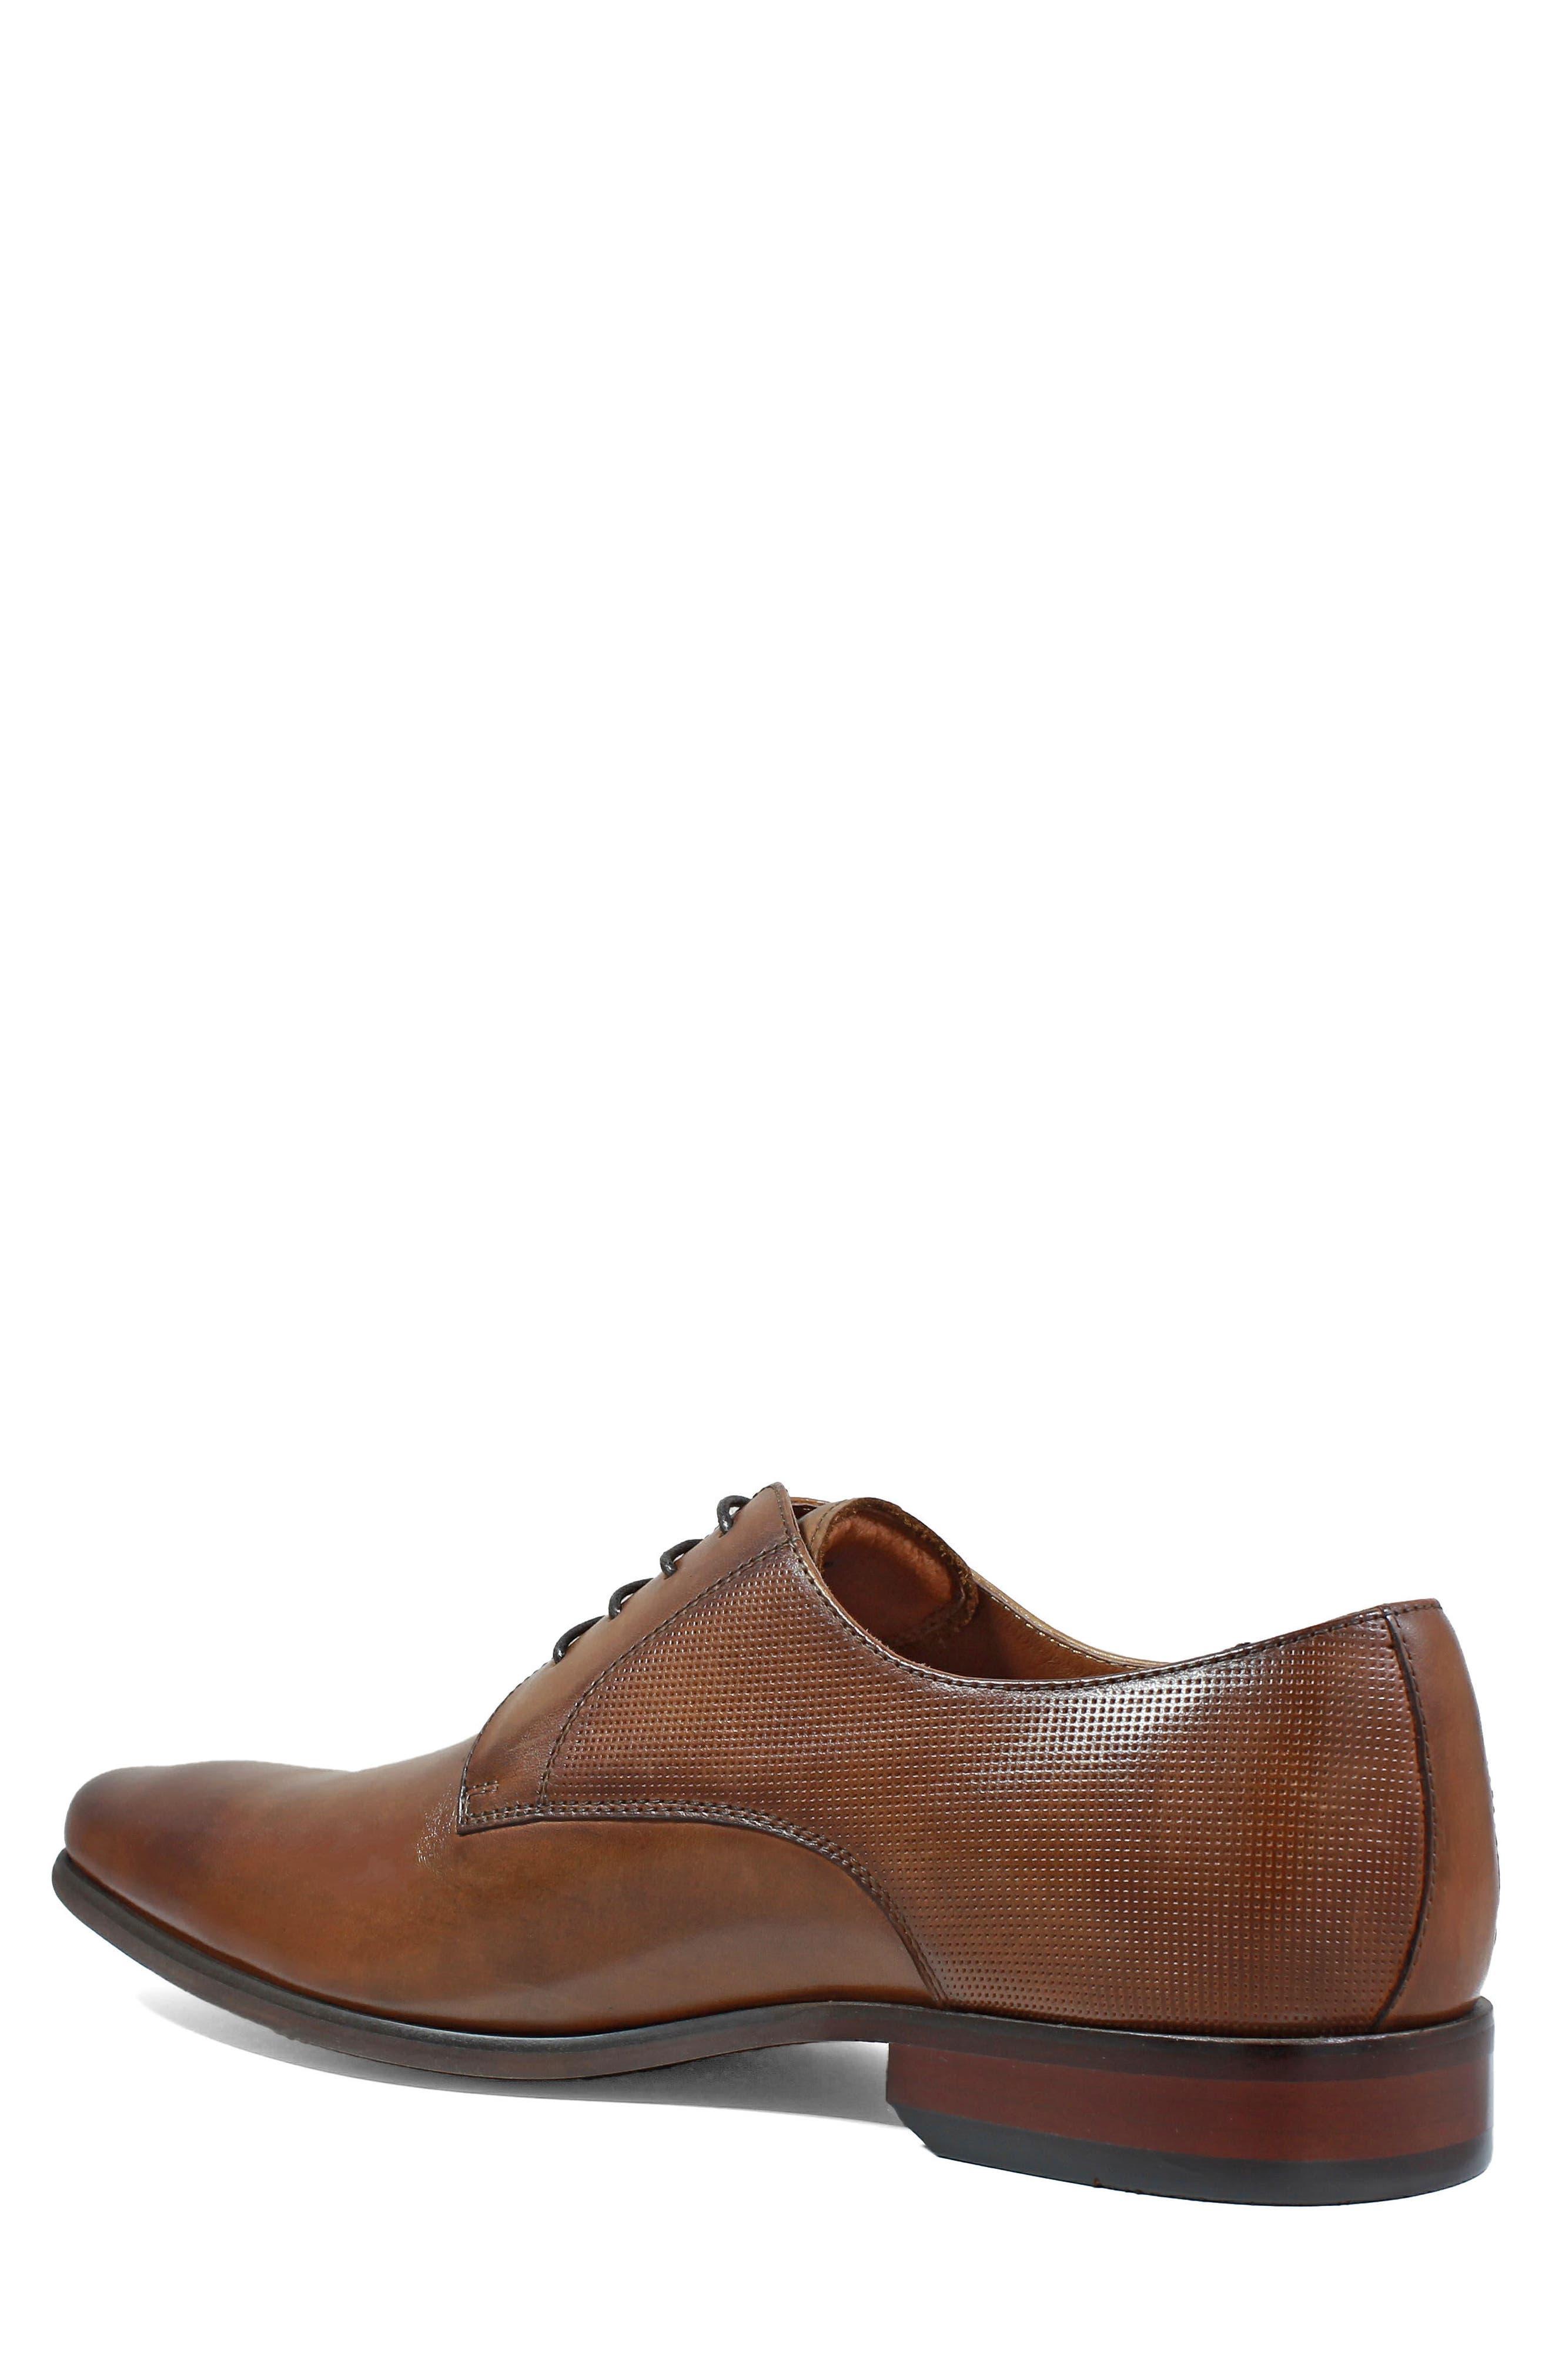 FLORSHEIM,                             Postino Textured Plain Toe Derby,                             Alternate thumbnail 2, color,                             COGNAC LEATHER